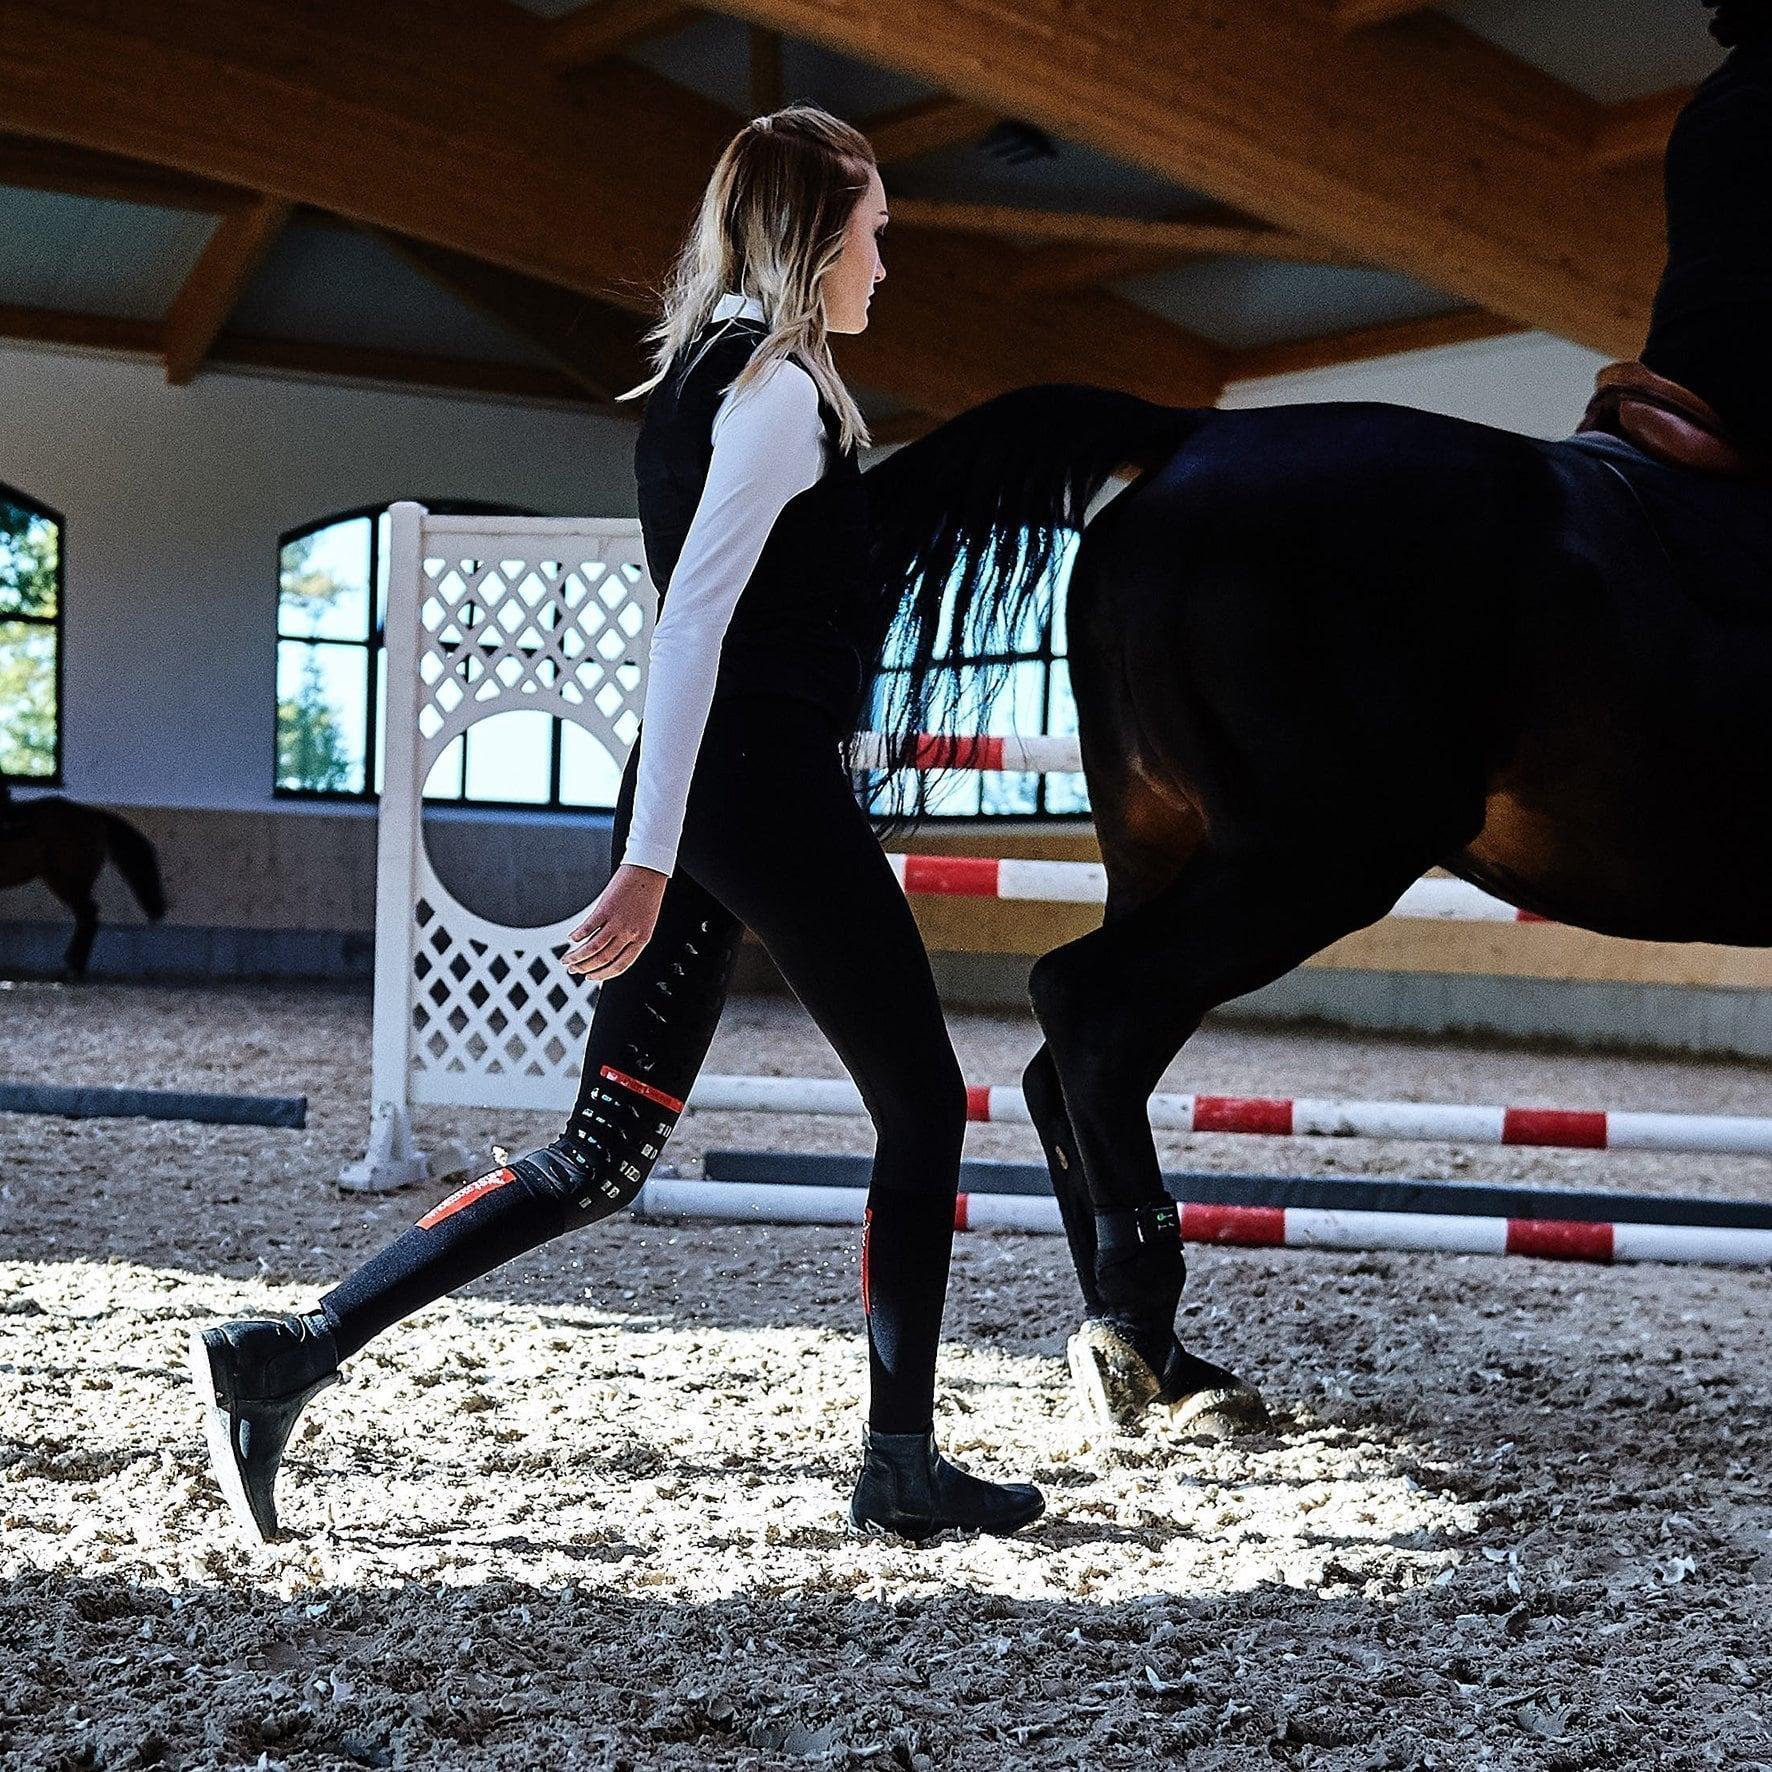 La fin des pantalons d'équitation ? - Les cavaliers misent sur les leggings d'équitation